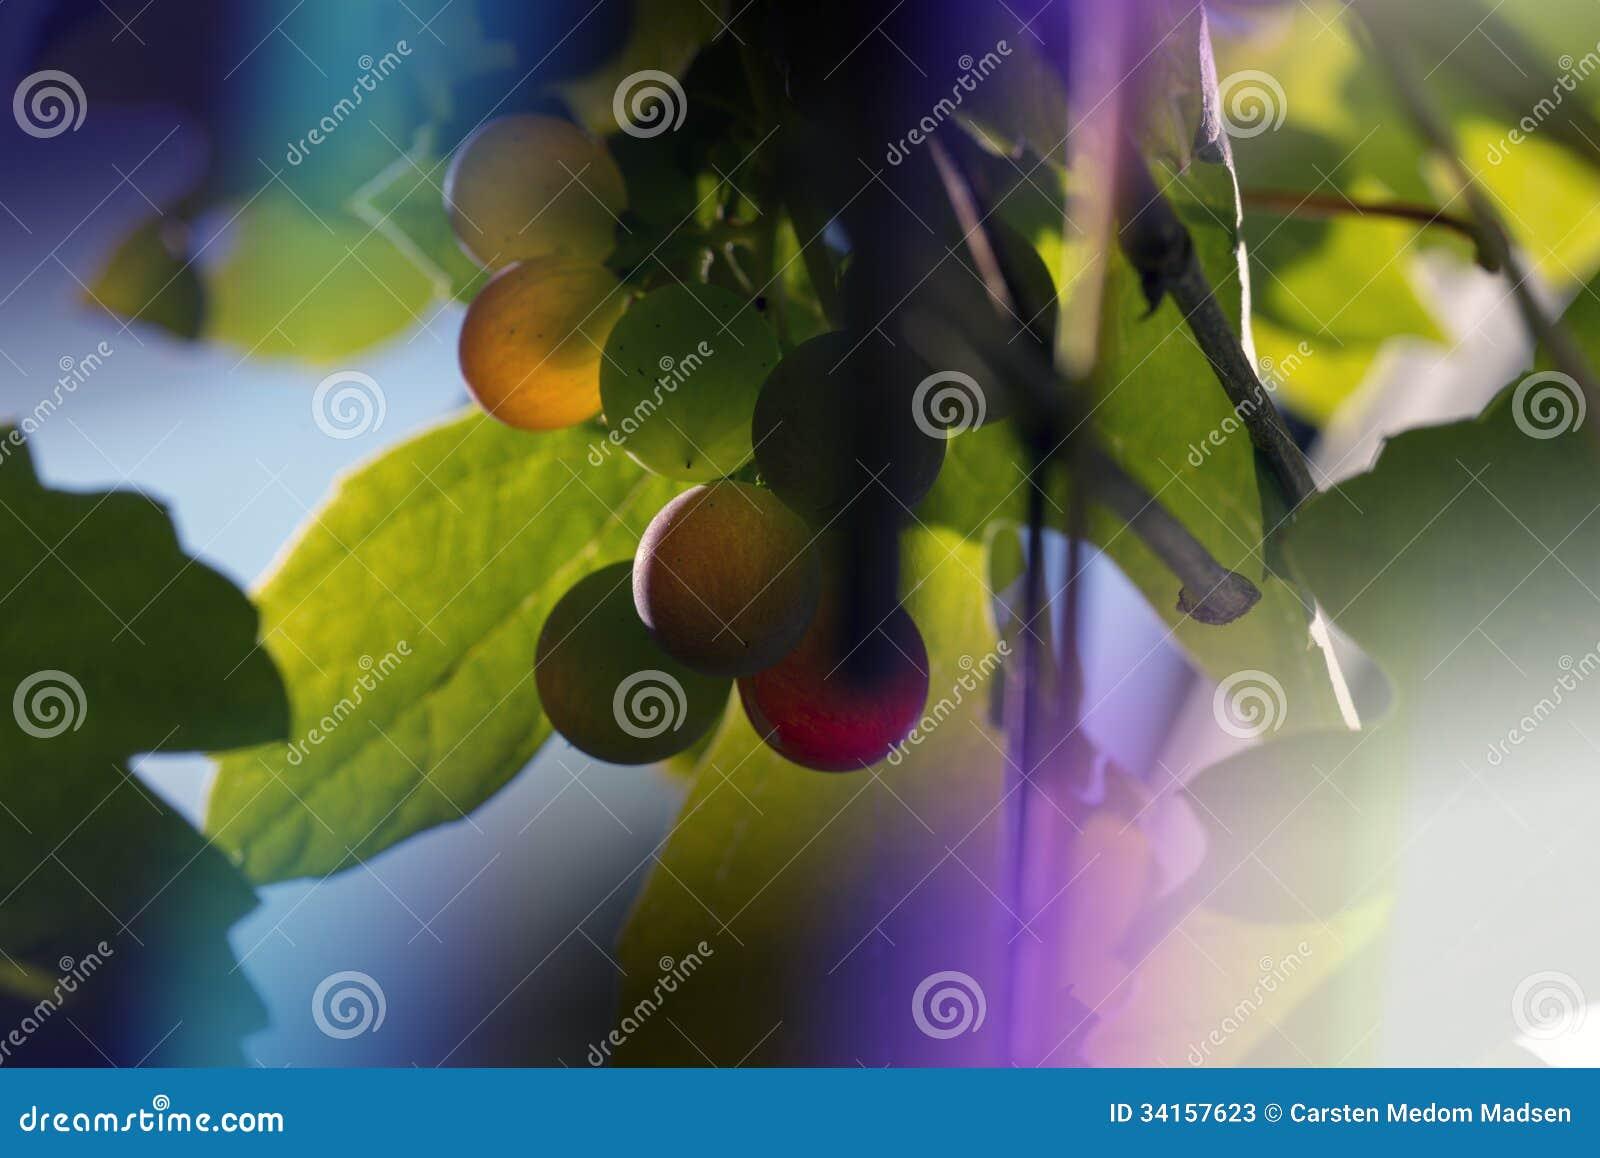 Luz e uvas roxas